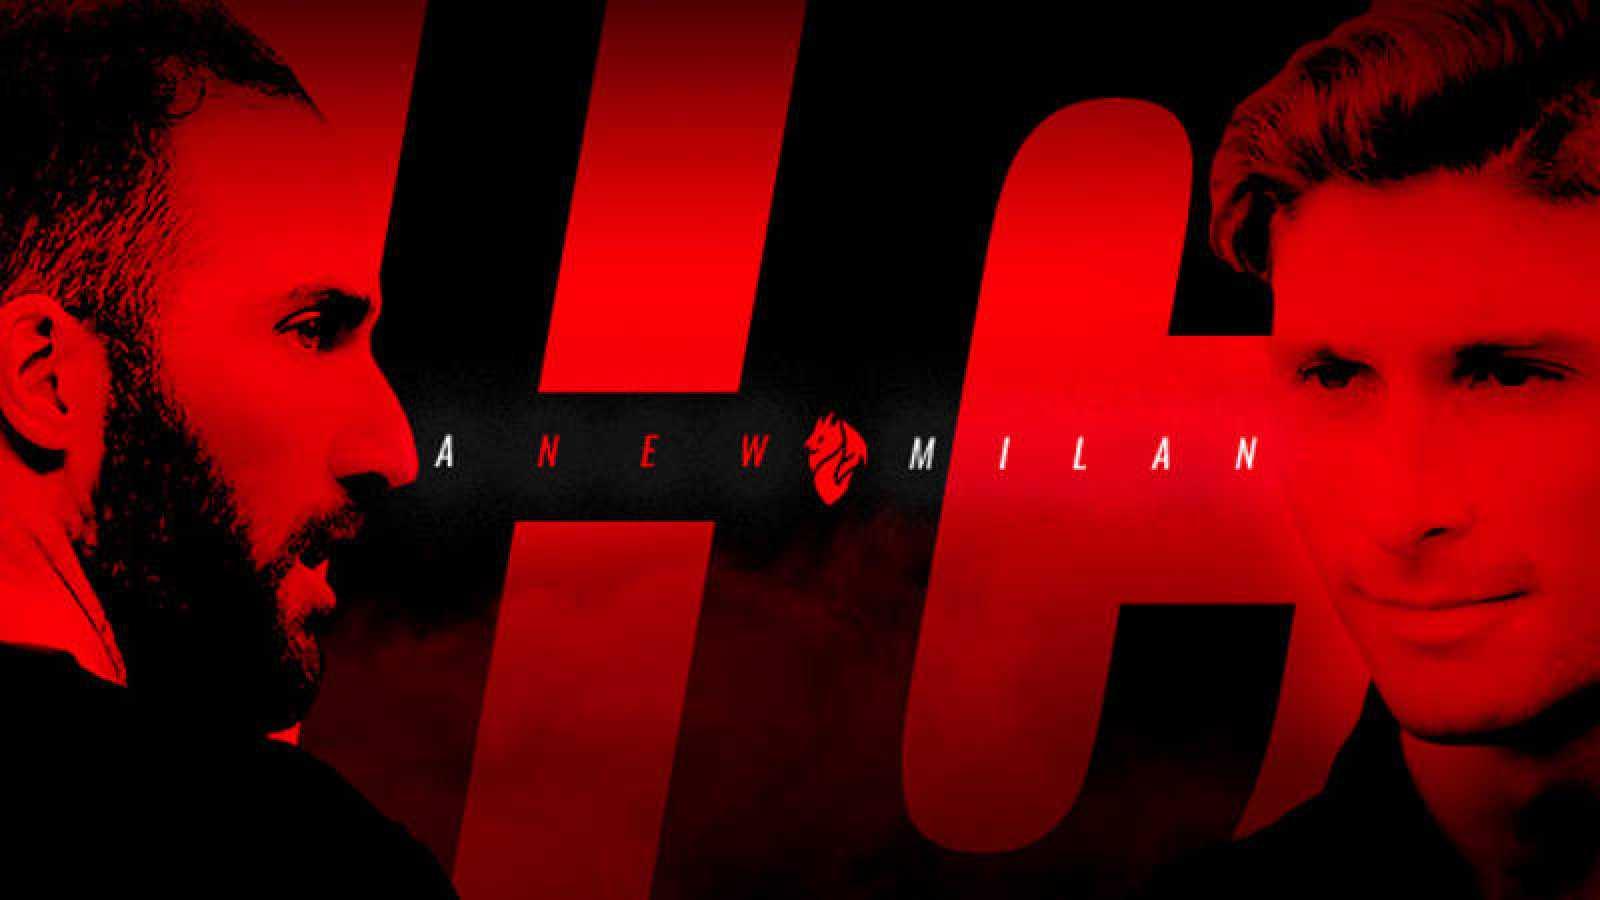 El Milan hace oficial los fichajes de Higuain y Caldara